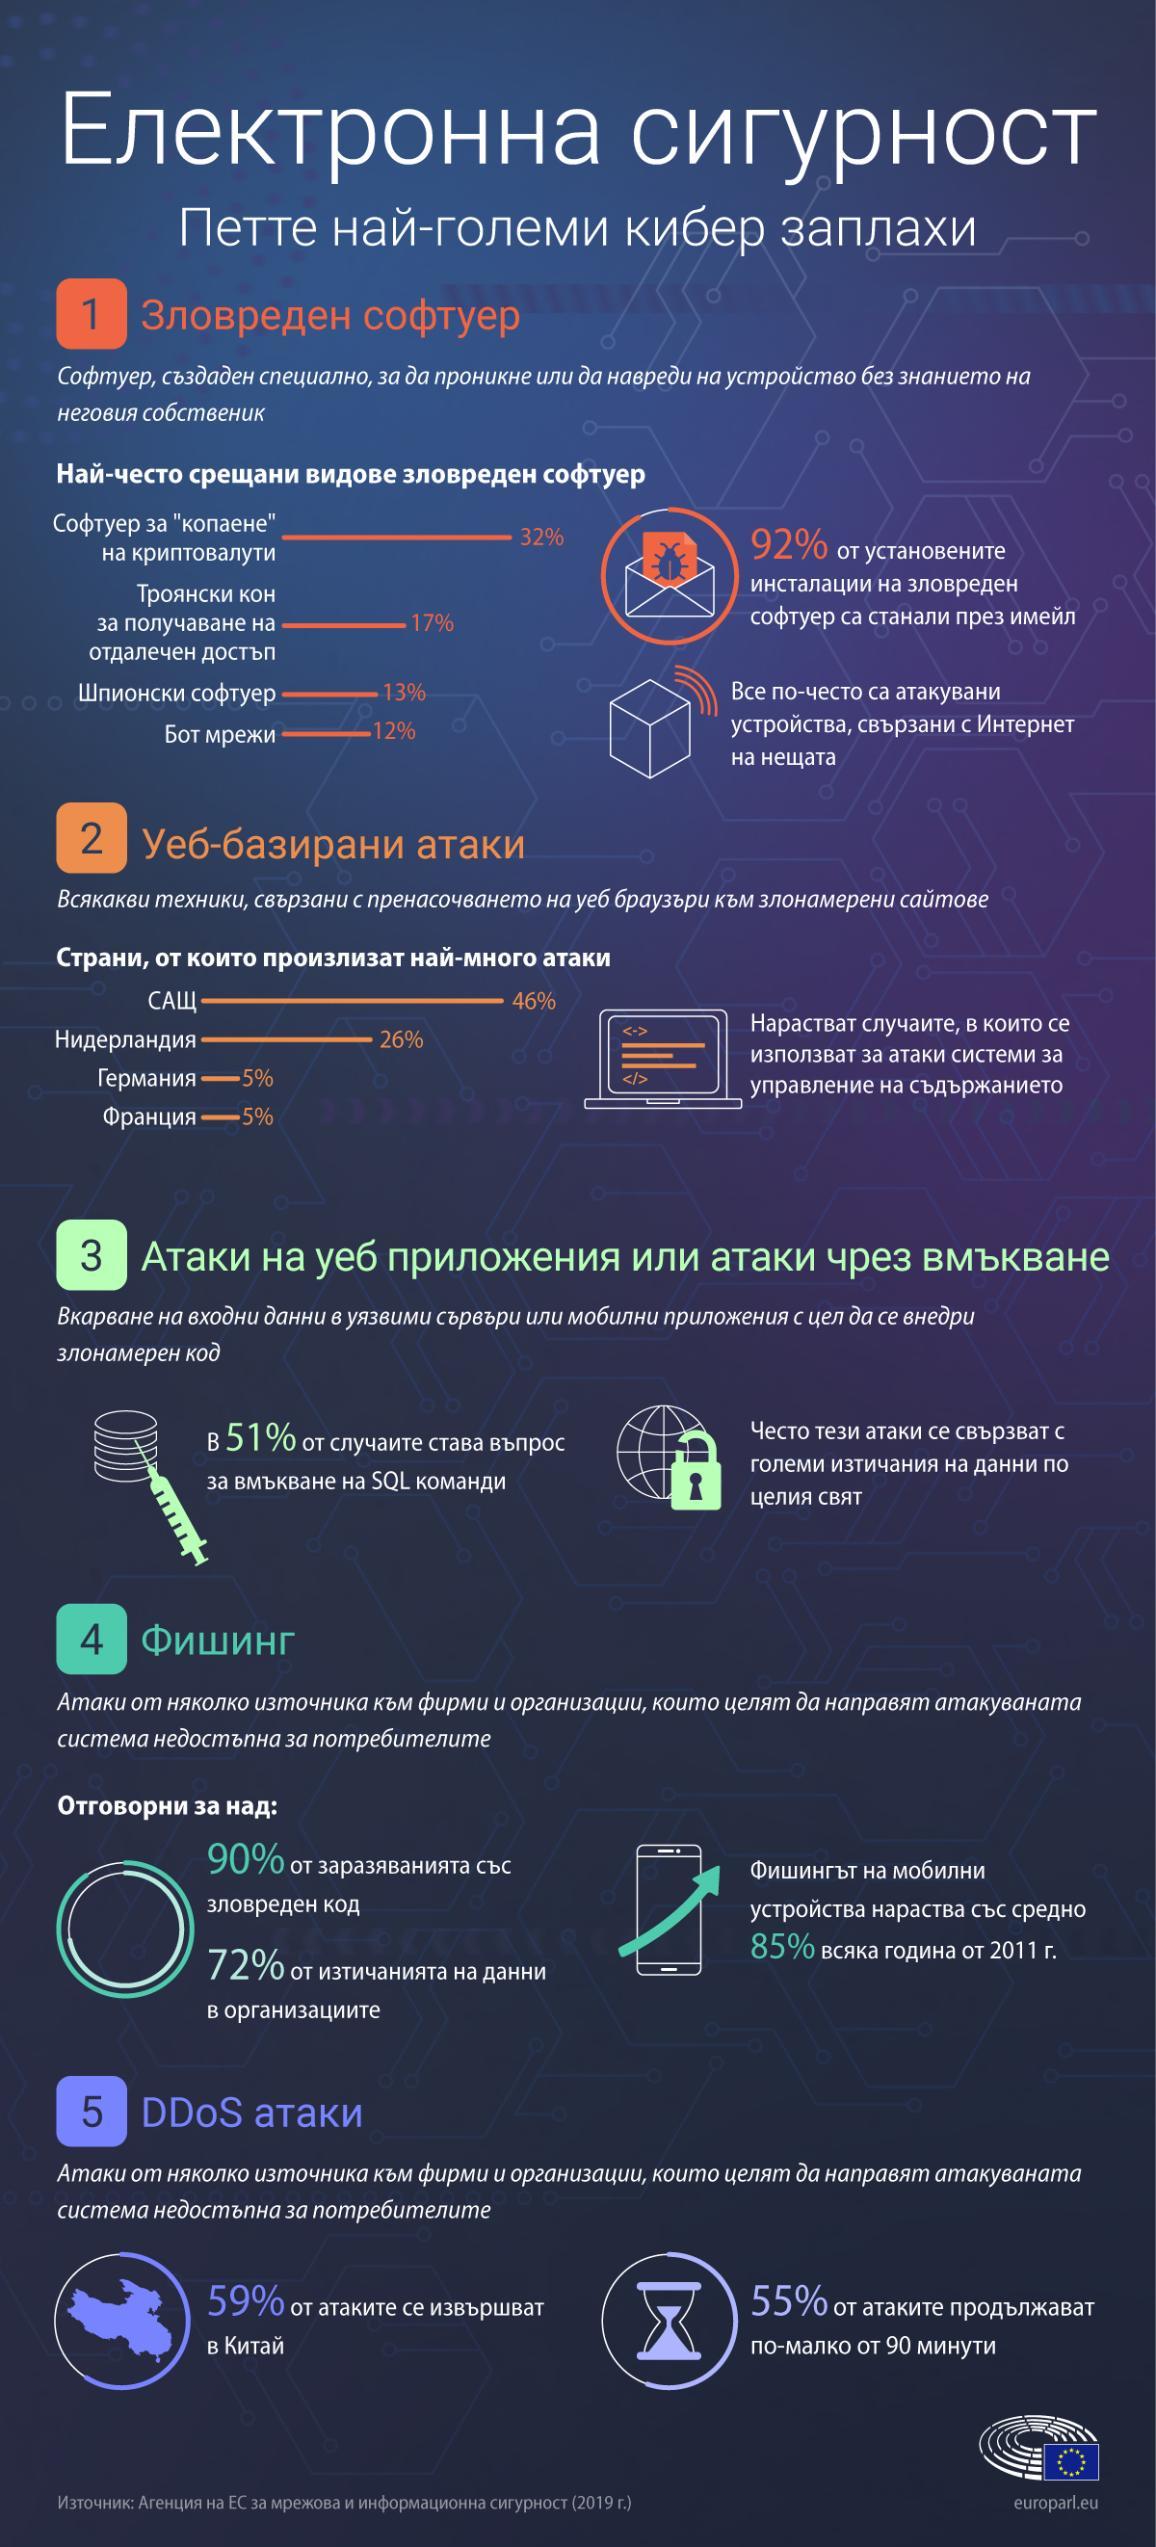 Инфографика за електронната сигурност - най-големите кибер заплахи